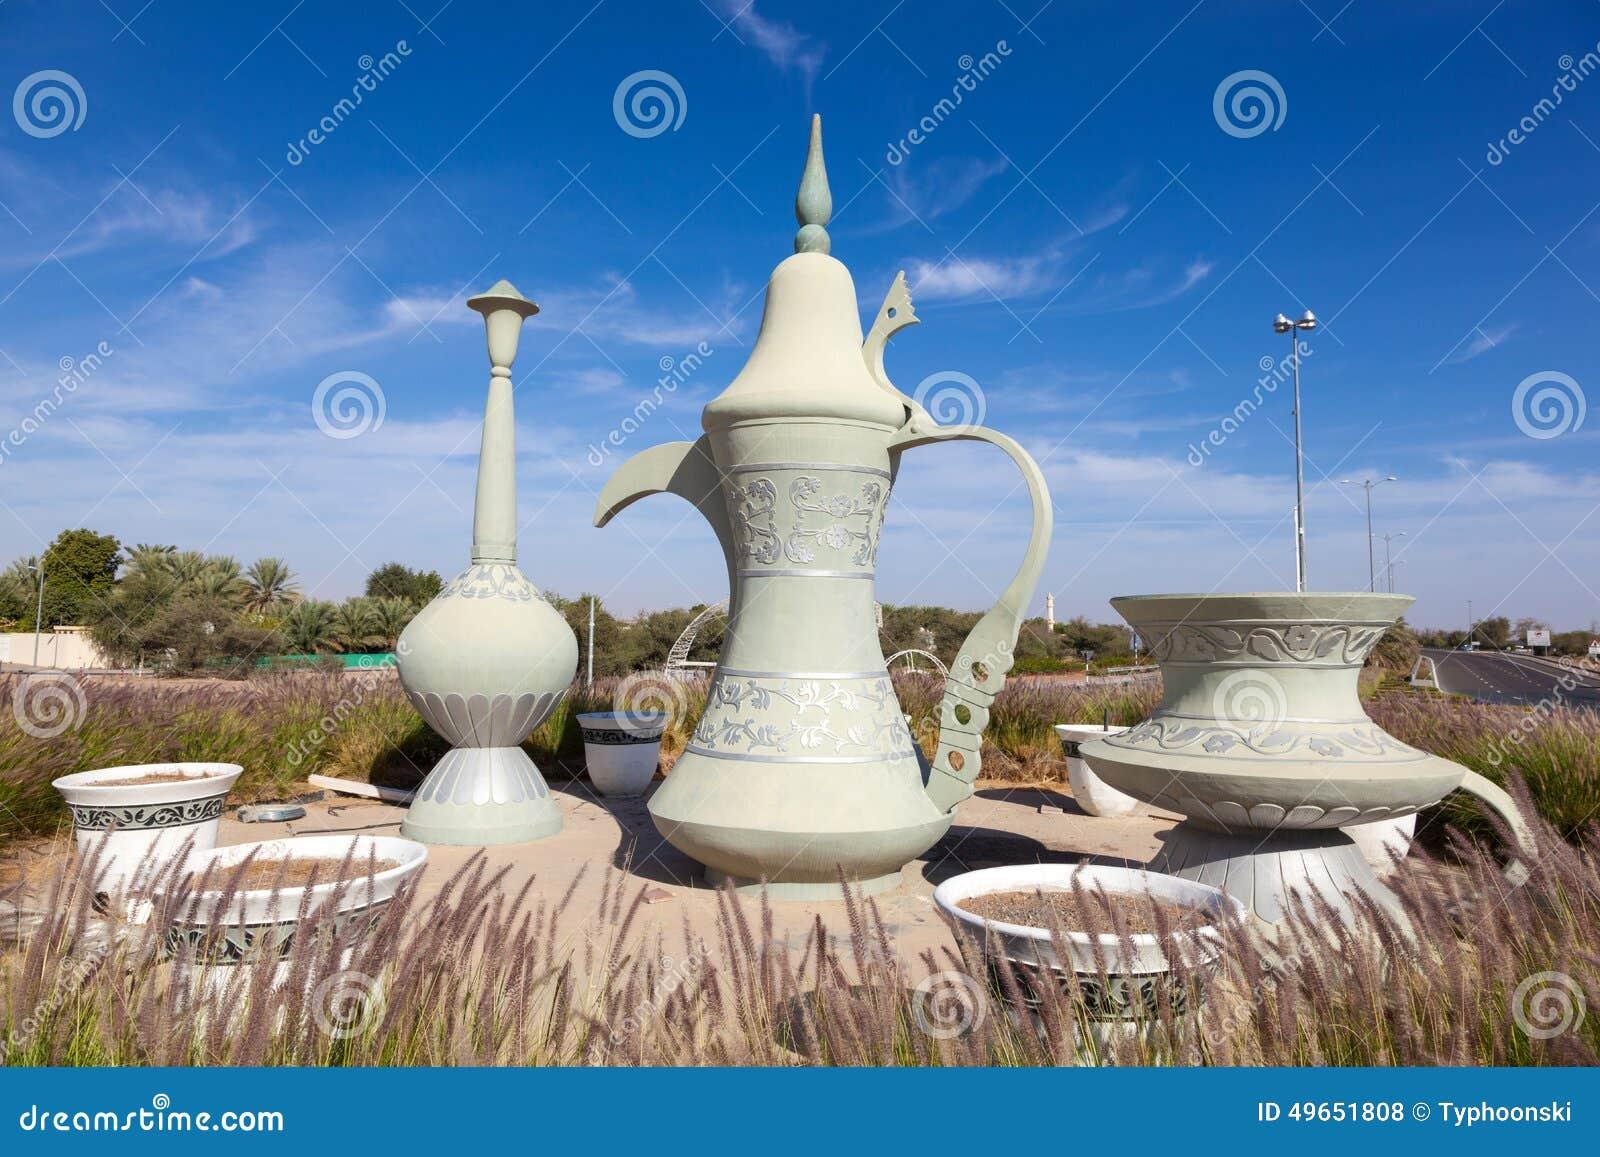 在环形交通枢纽的咖啡壶雕塑在艾因